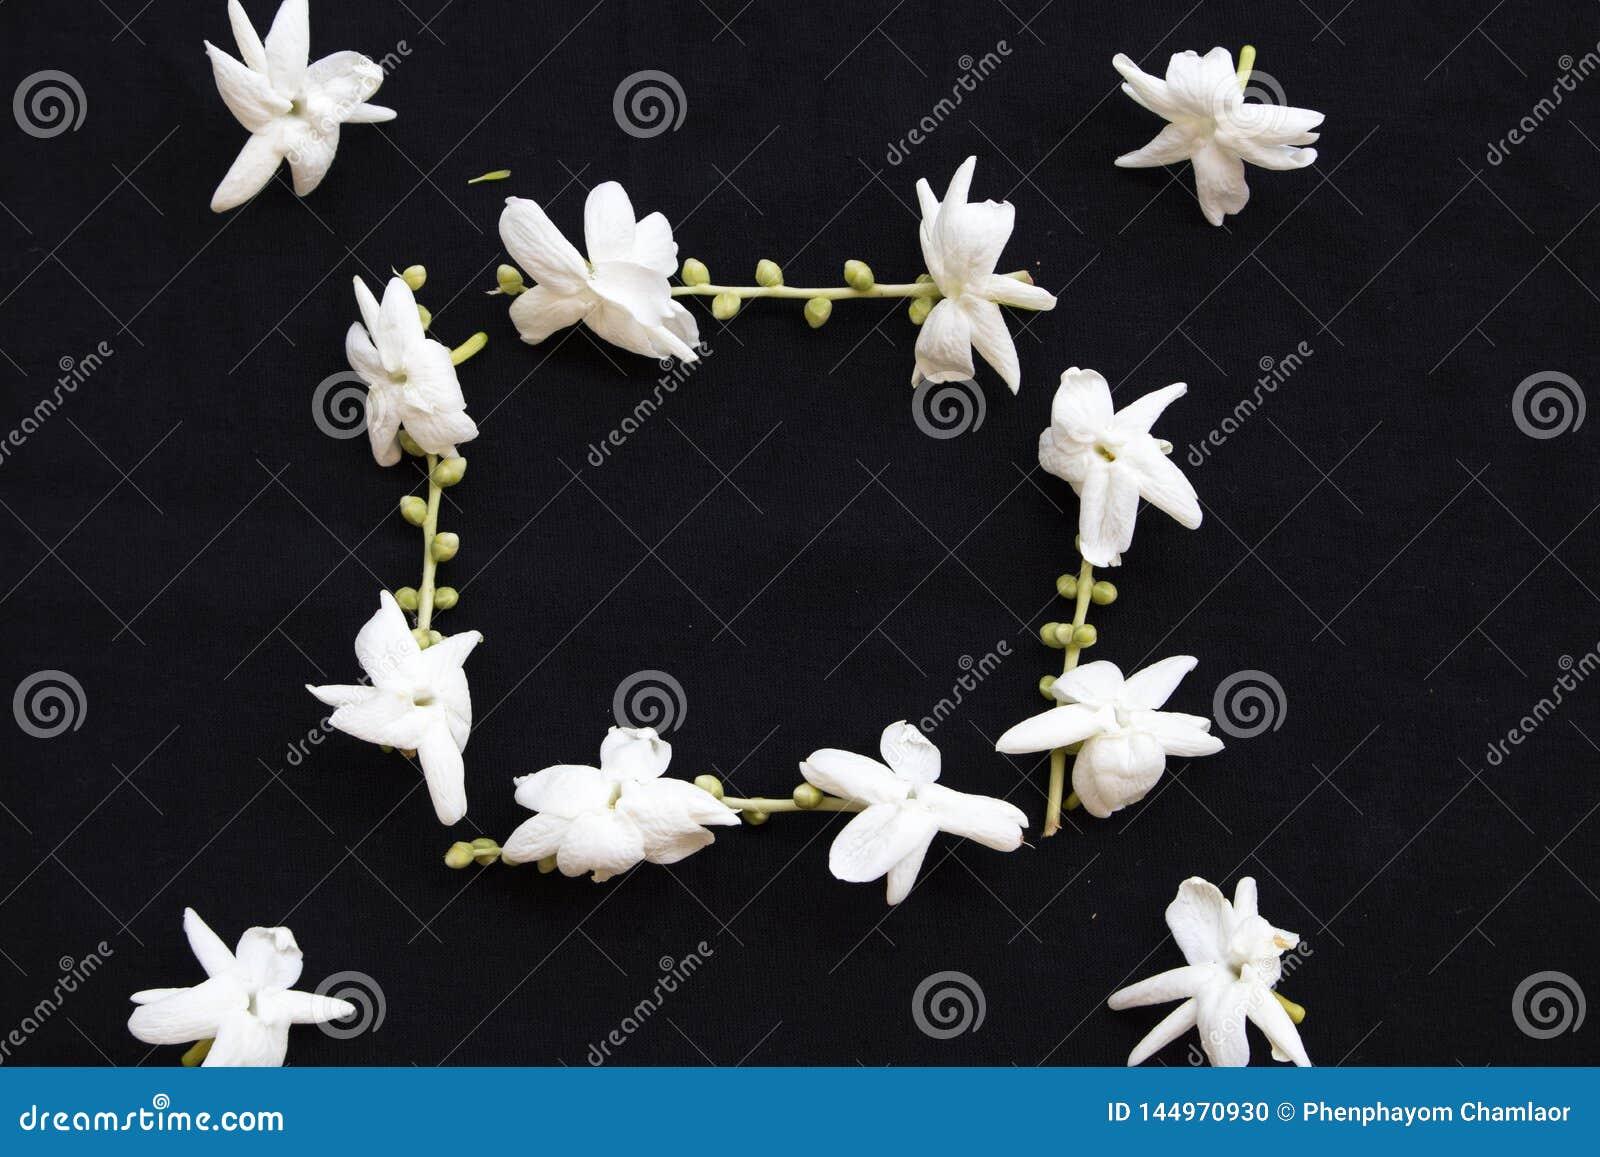 Flora local do jasmim das flores brancas de Ásia no preto